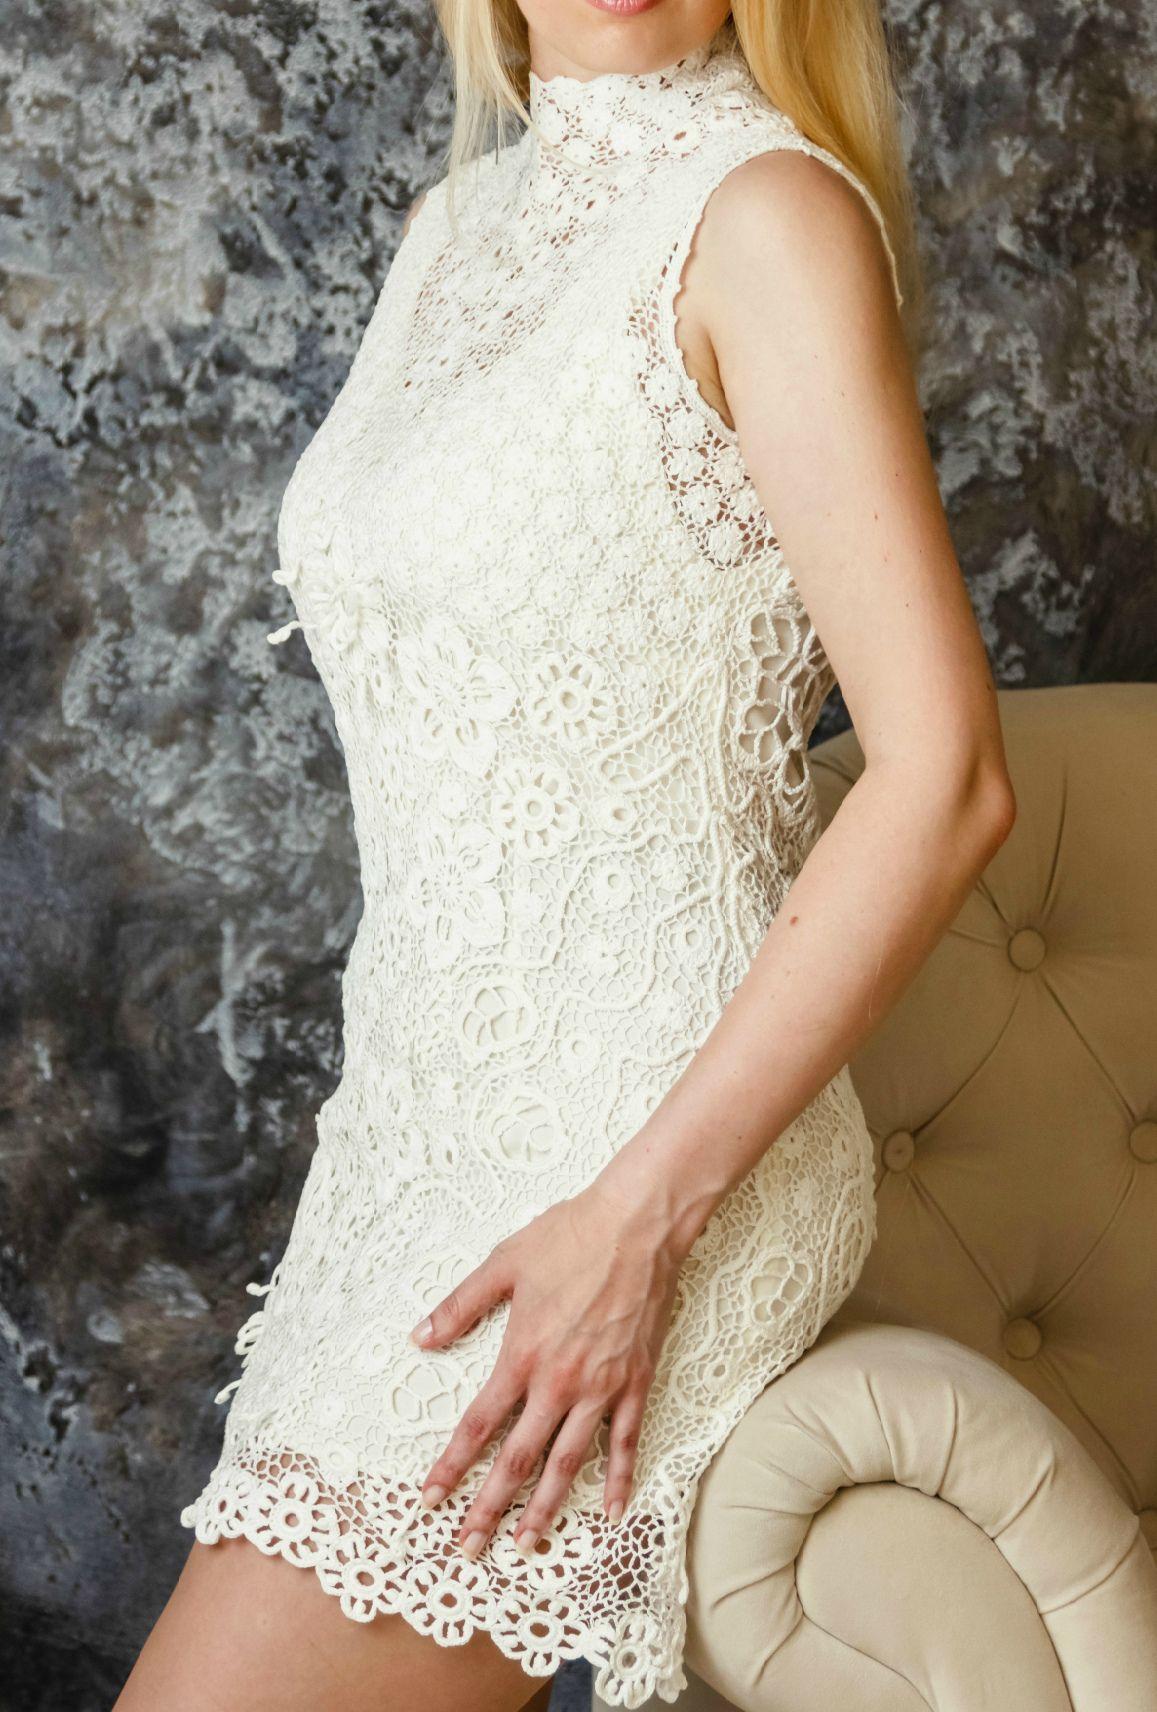 Knitted wedding dress  short wedding dress sexy wedding dress knitted wedding dress sexy